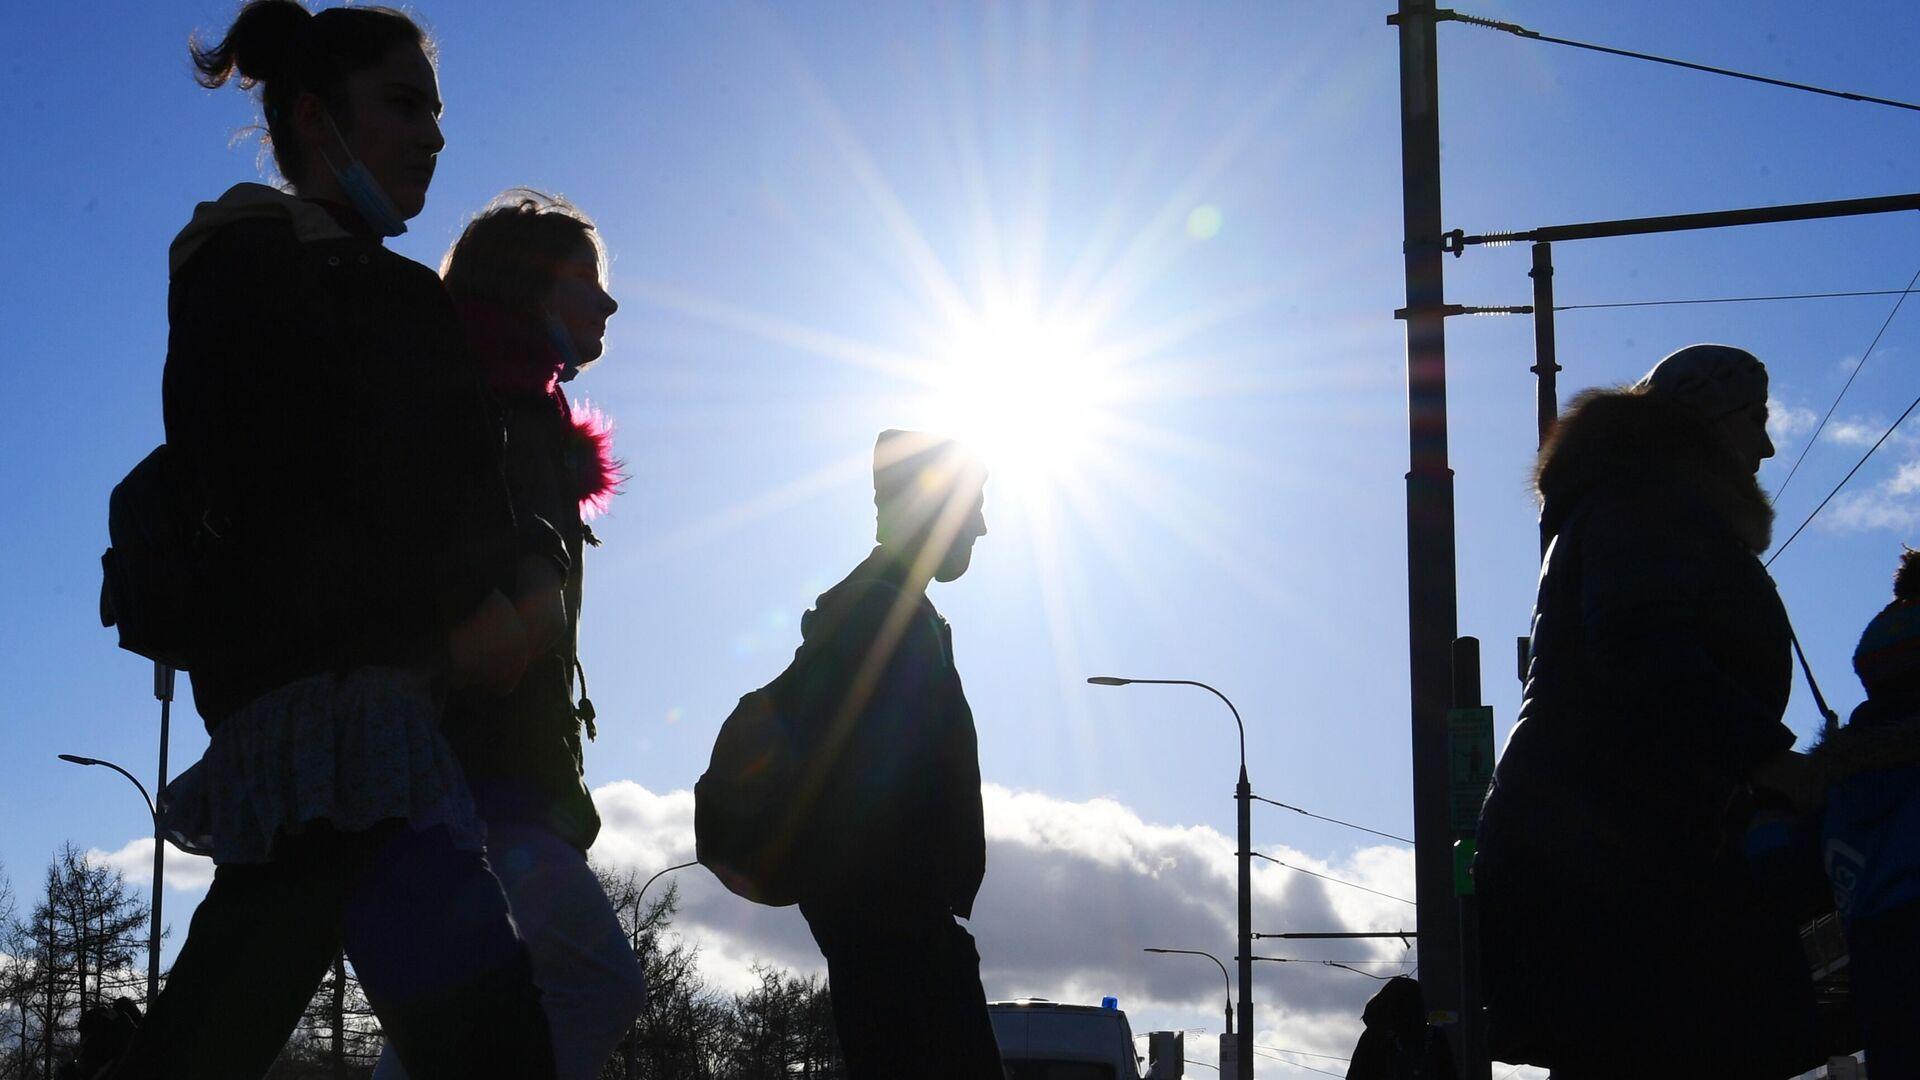 Люди переходят дорогу у станции метро ВДНХ в Москве - РИА Новости, 1920, 04.03.2021